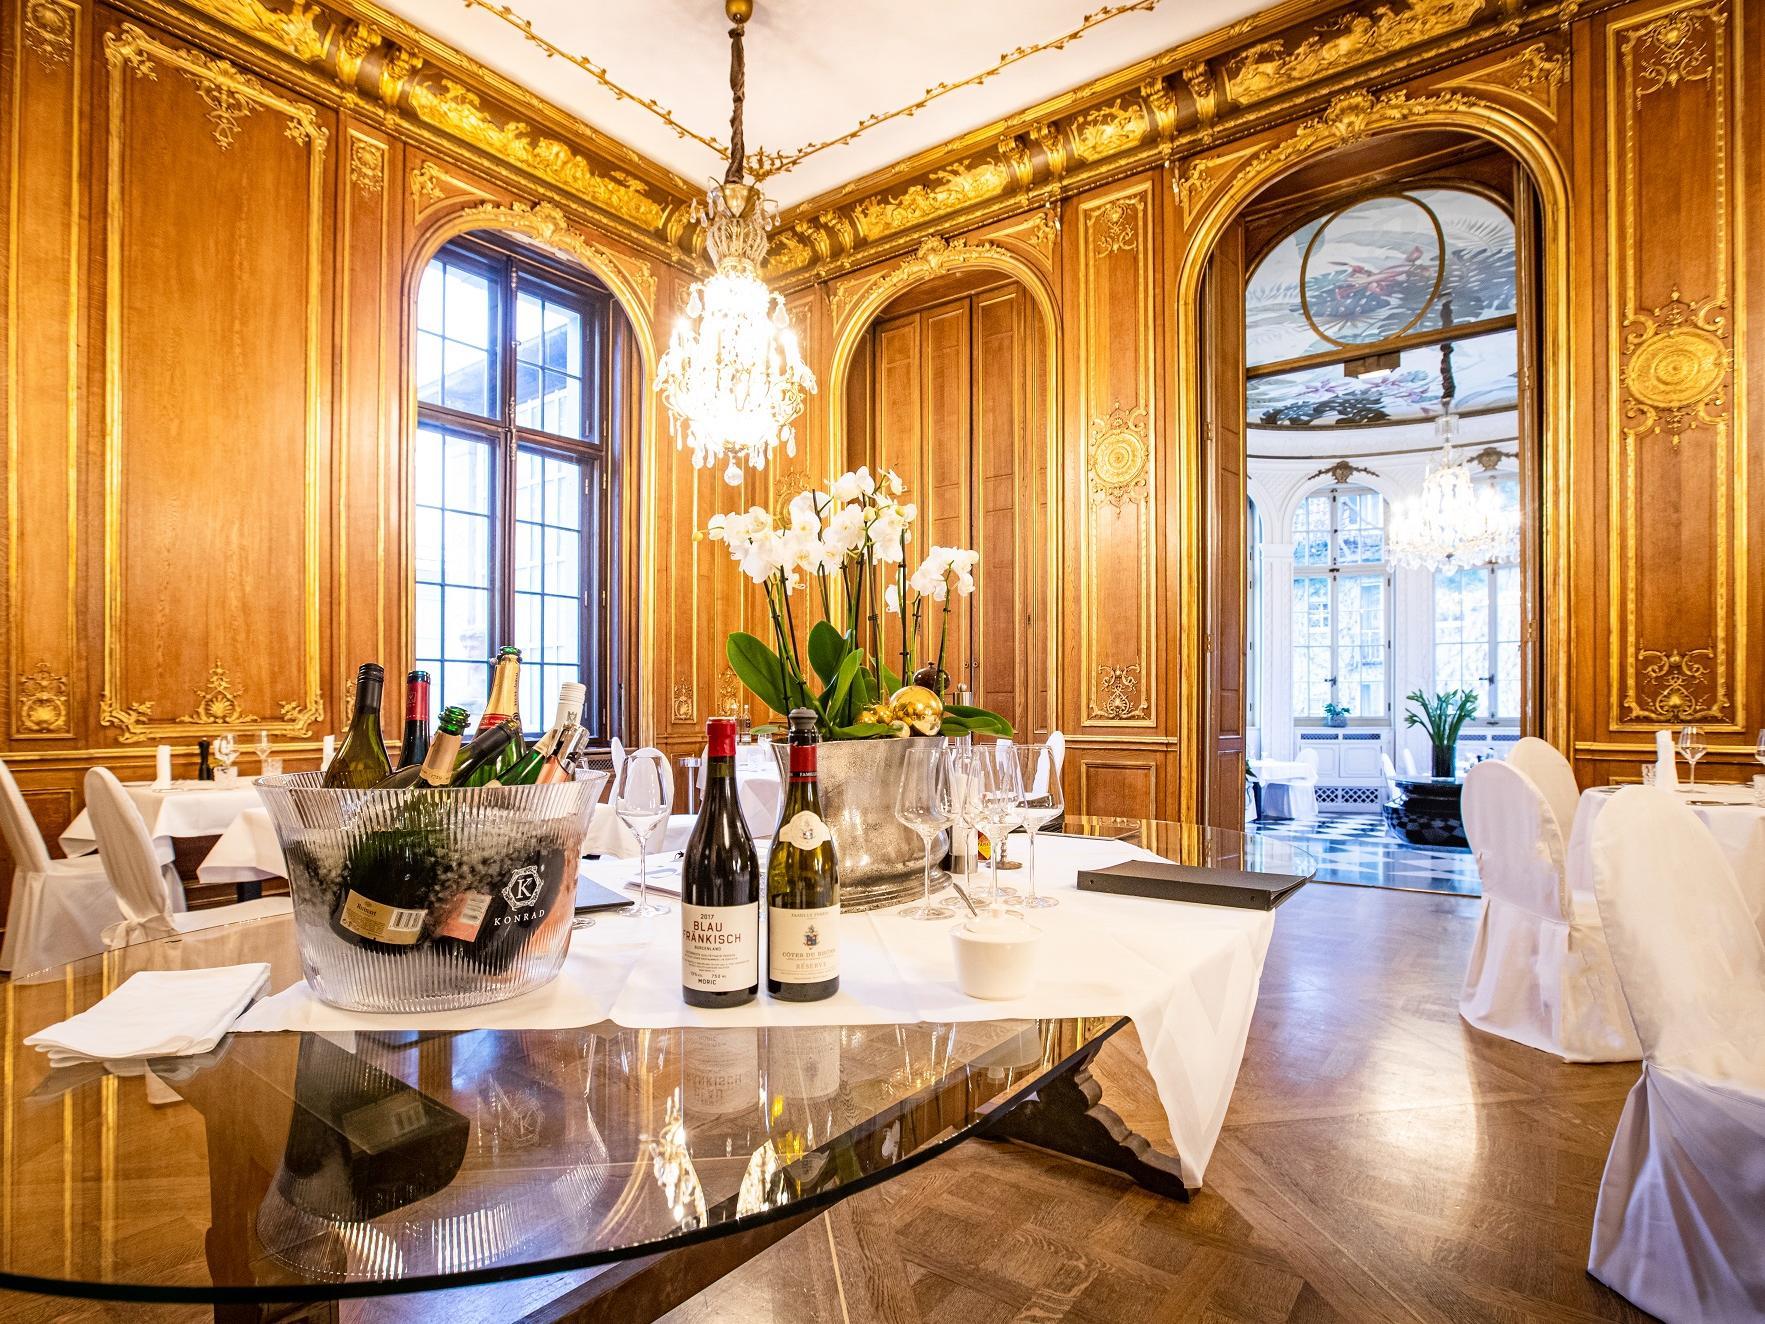 Restaurant Dining Area at Patrick Hellman Schlosshotel